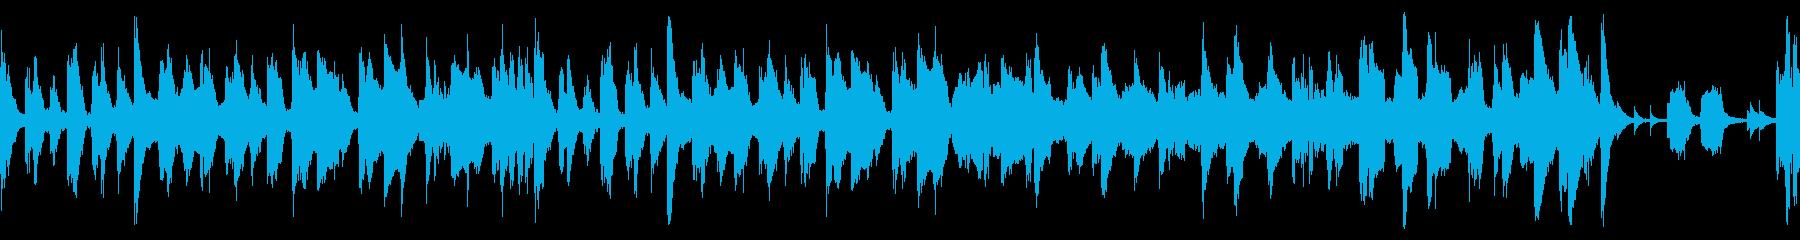 ループ仕様、のんびり日常系オーケストラの再生済みの波形